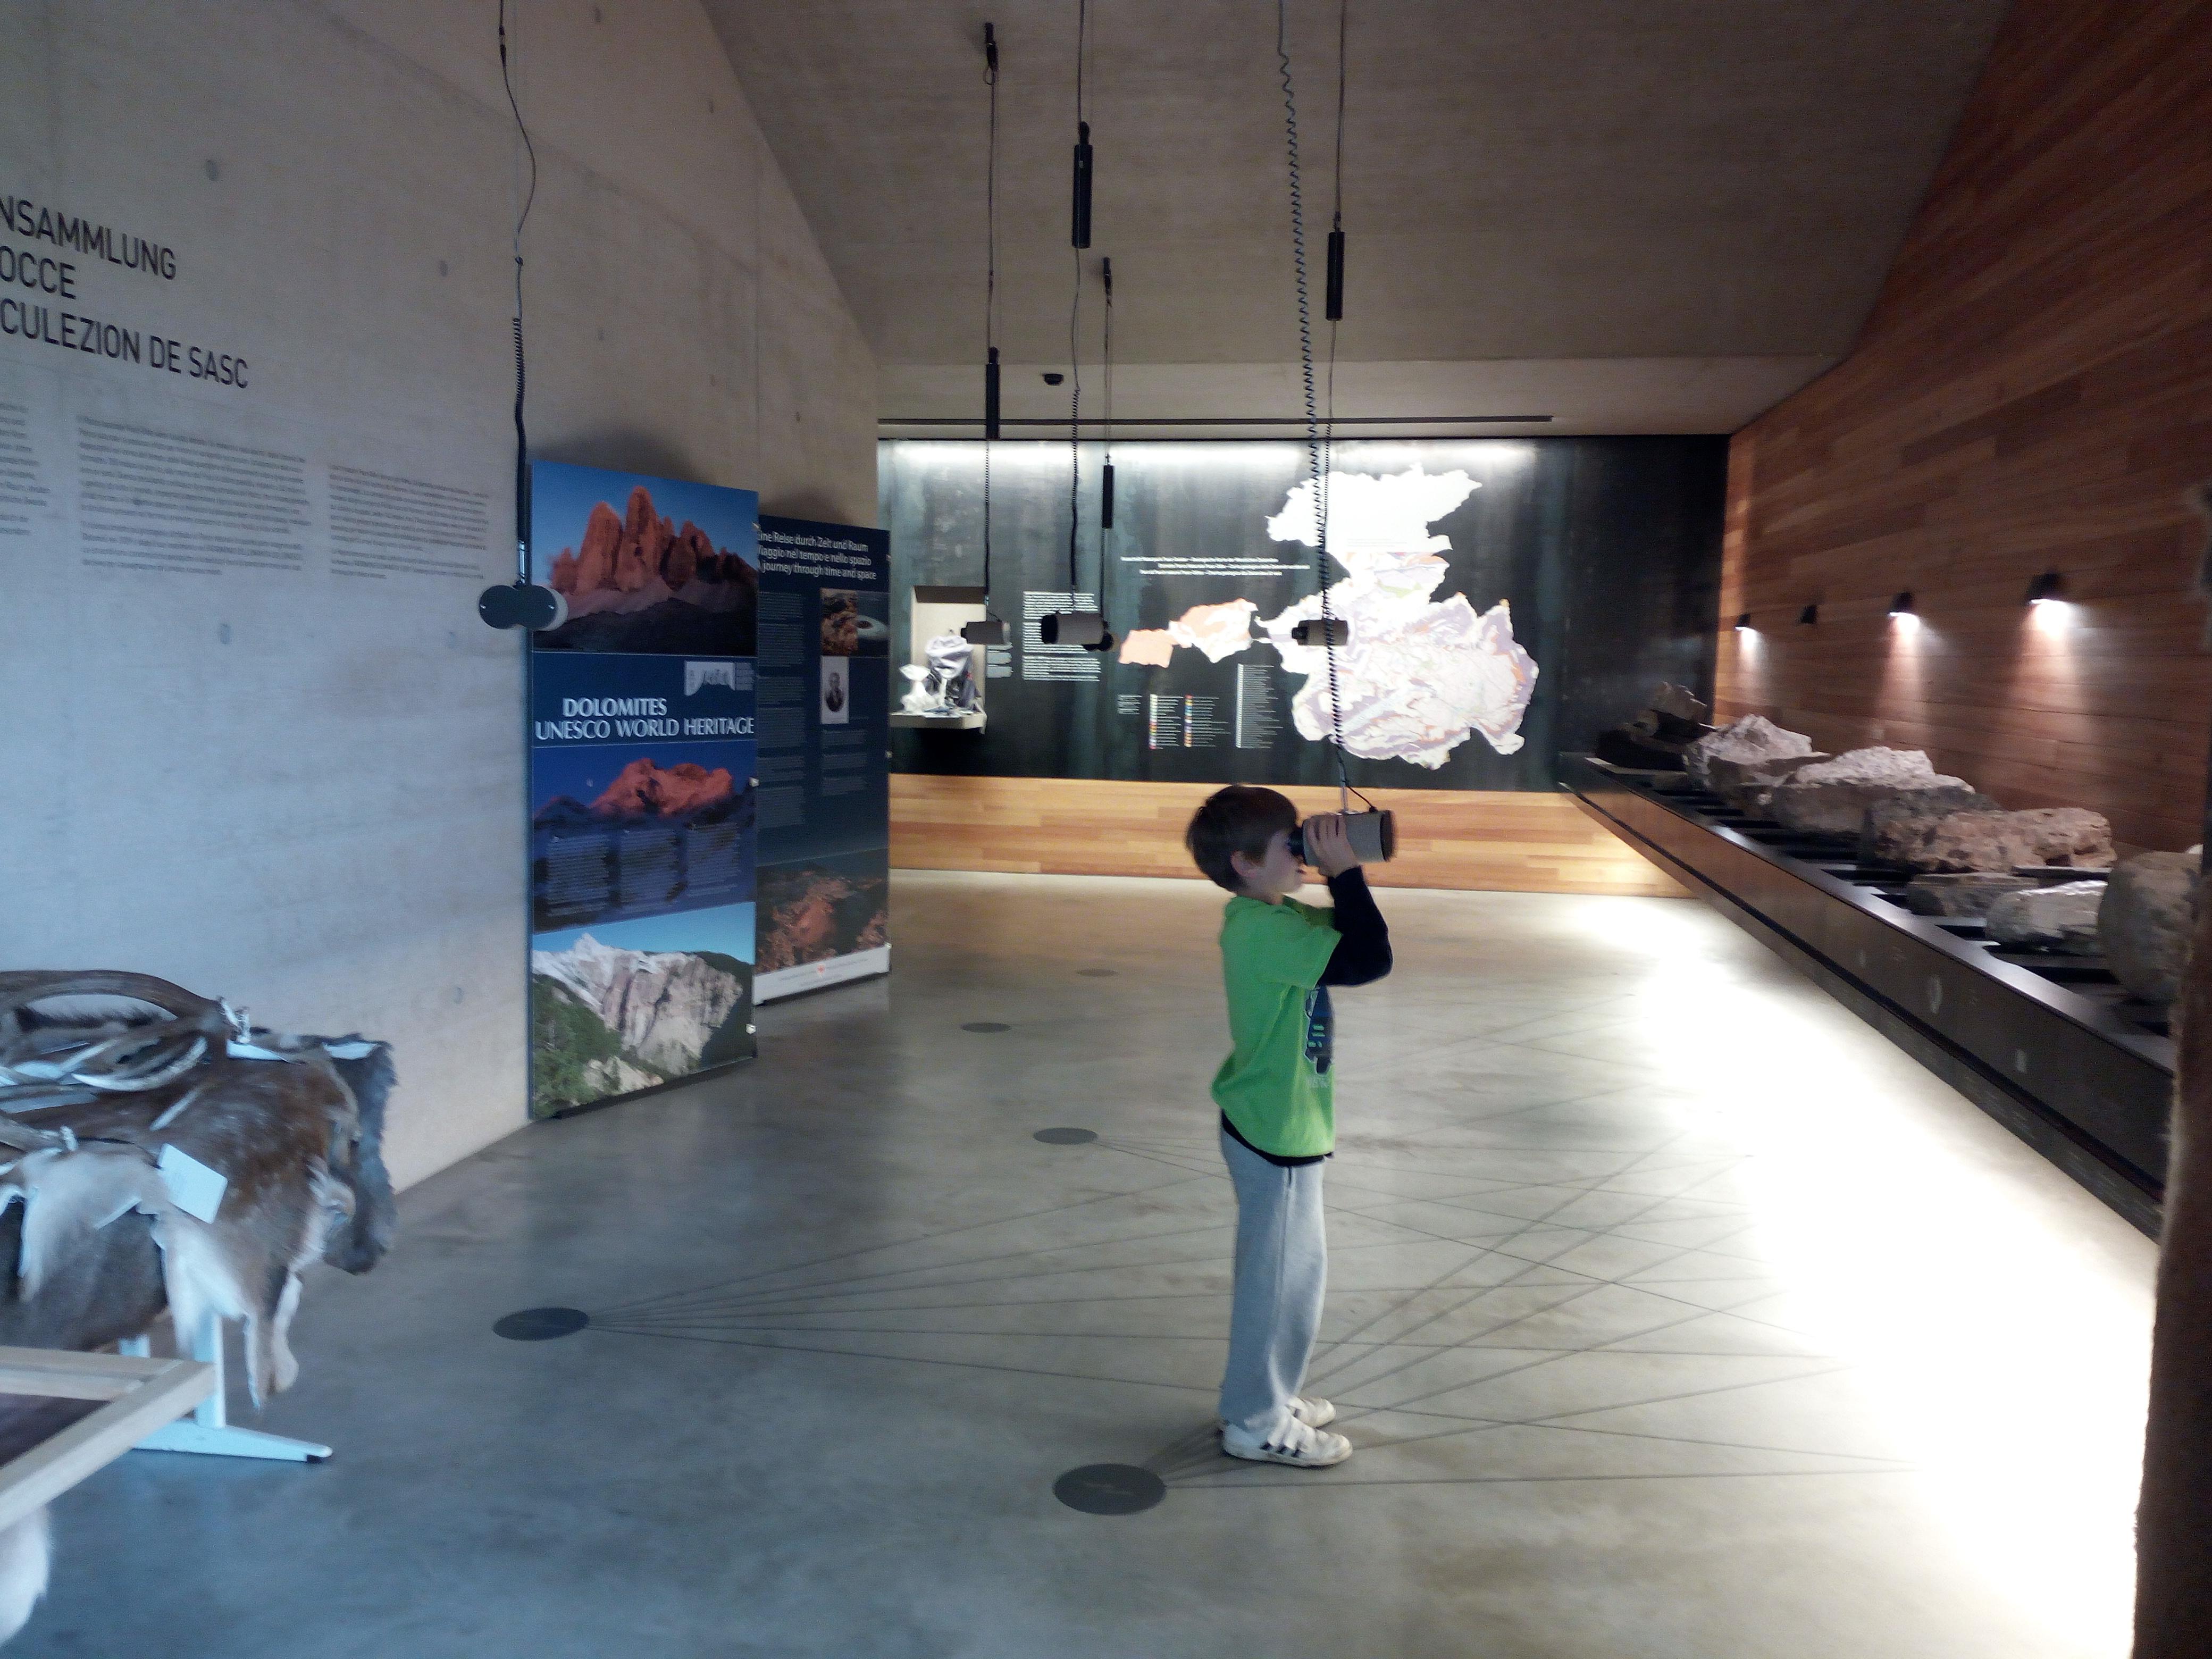 Centro visite Parco Funes